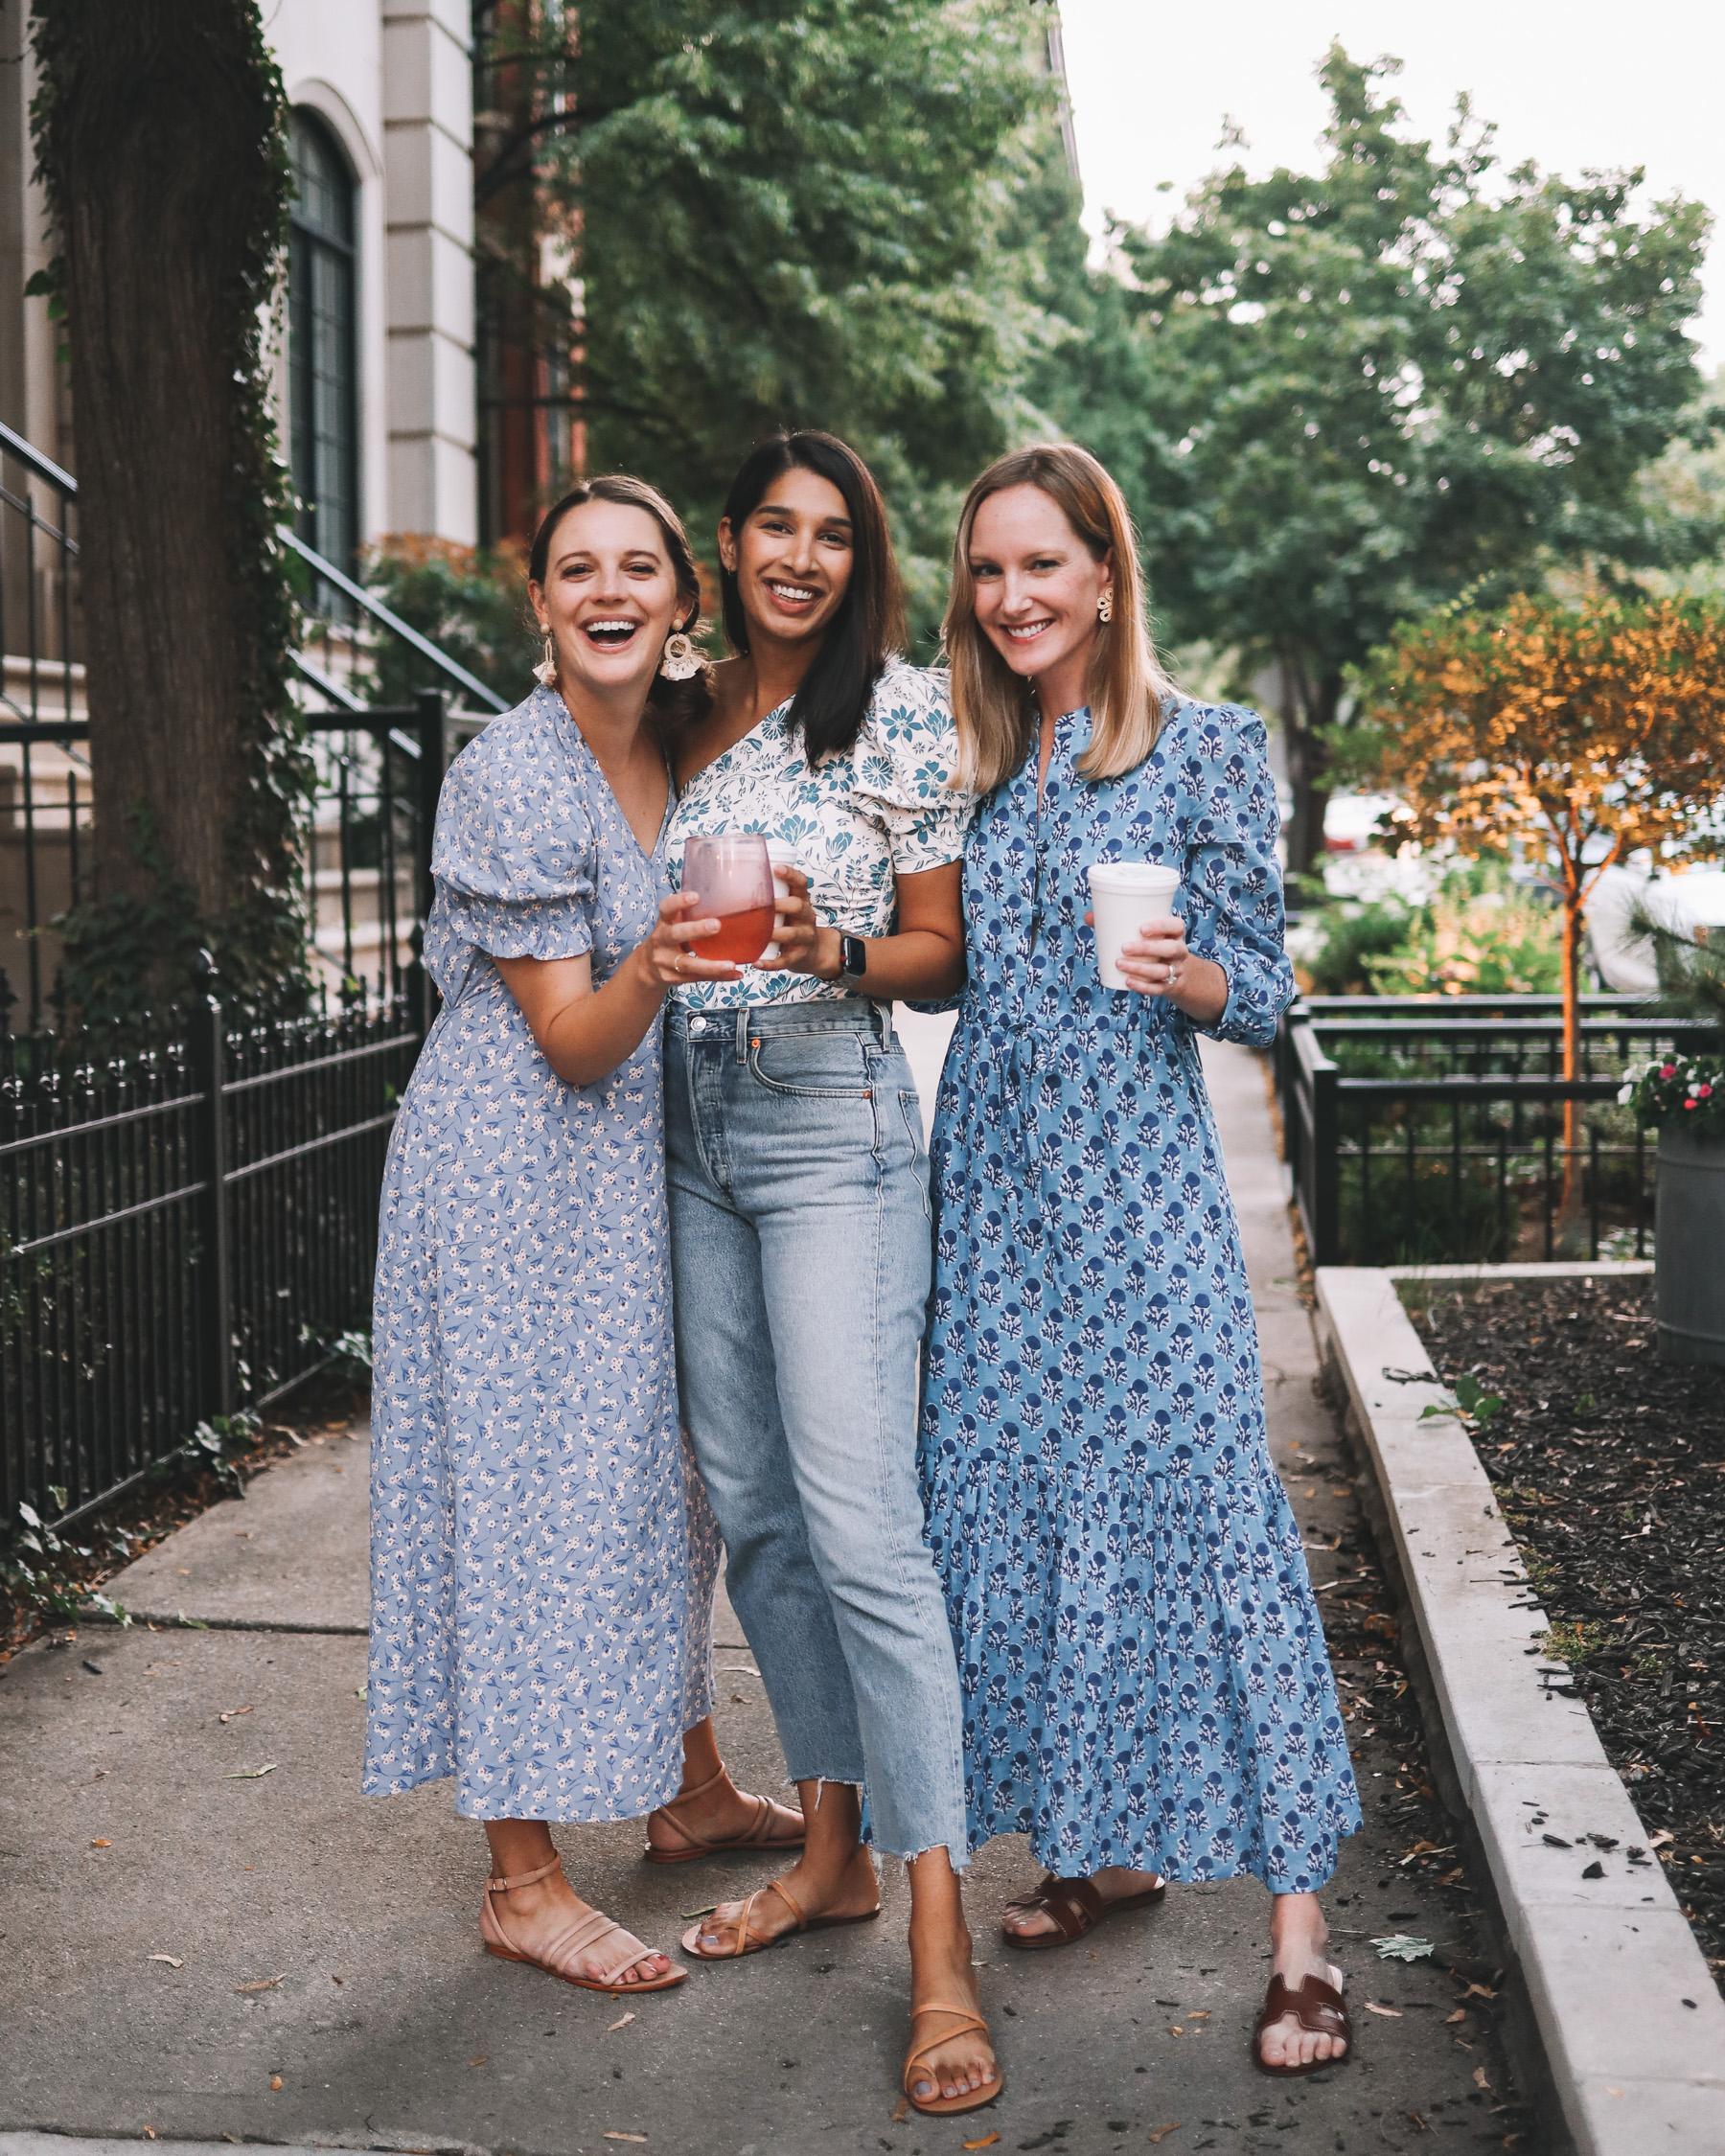 Emerson Fry Dress | Recent Finds 7/30